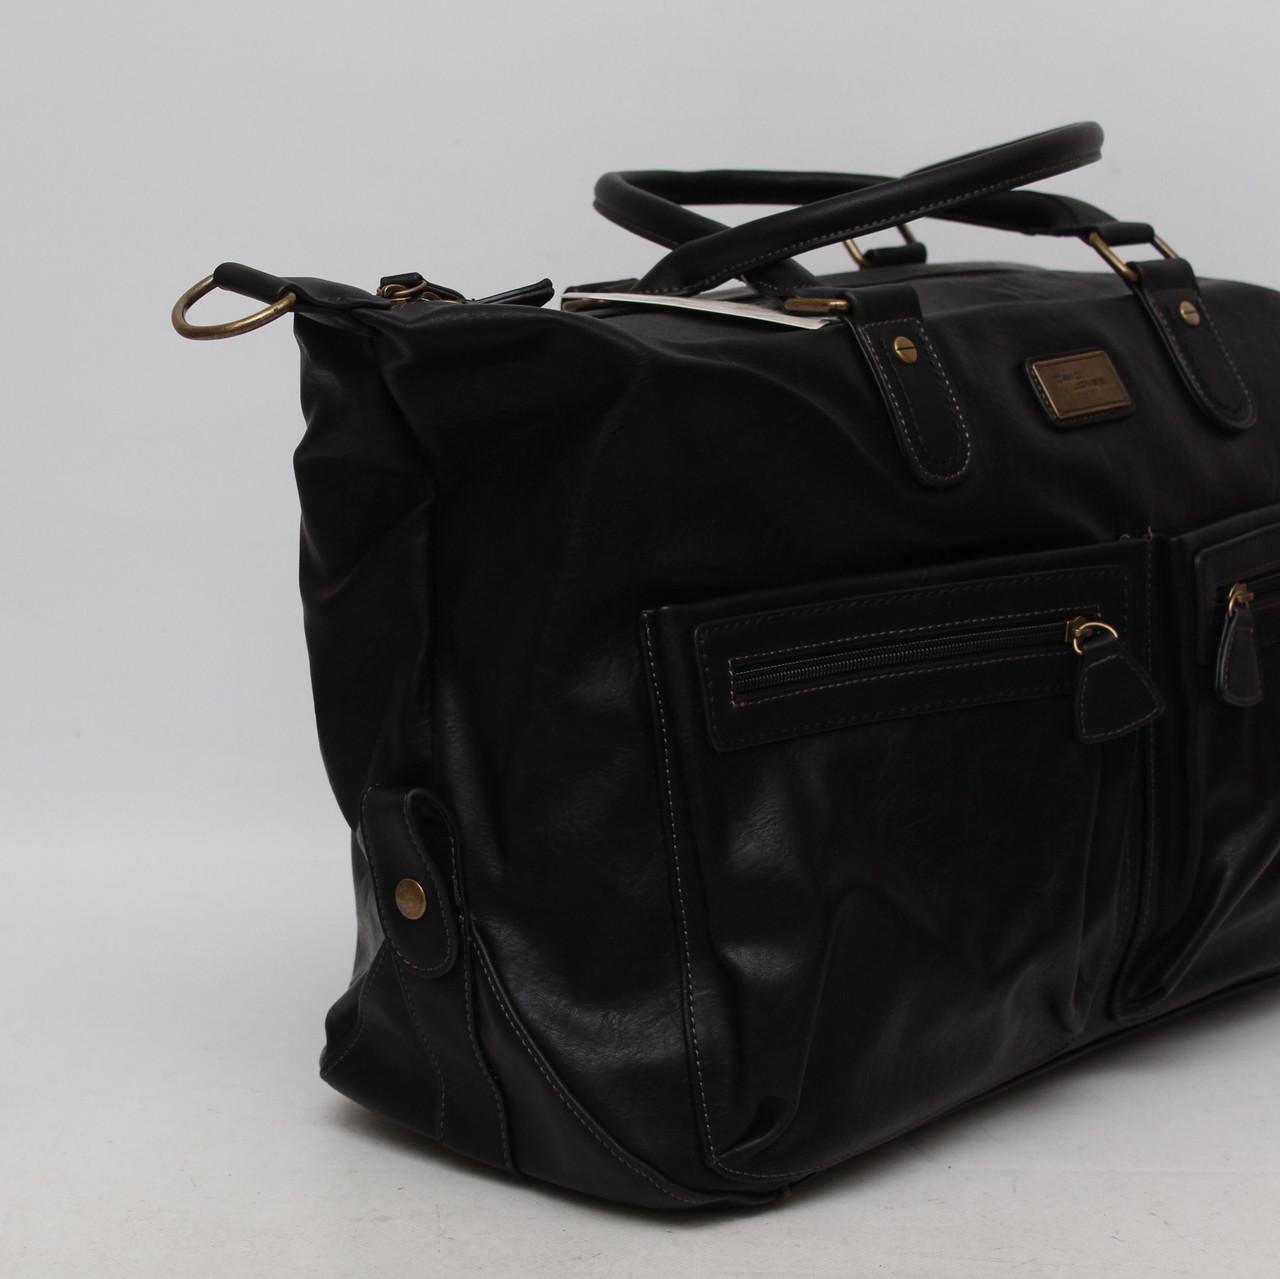 ef6e3f885a52 ... Мужская дорожная сумка David Jones в дорогу кожаная (кожа  искусственная) / Саквояж мужской кожаный ...